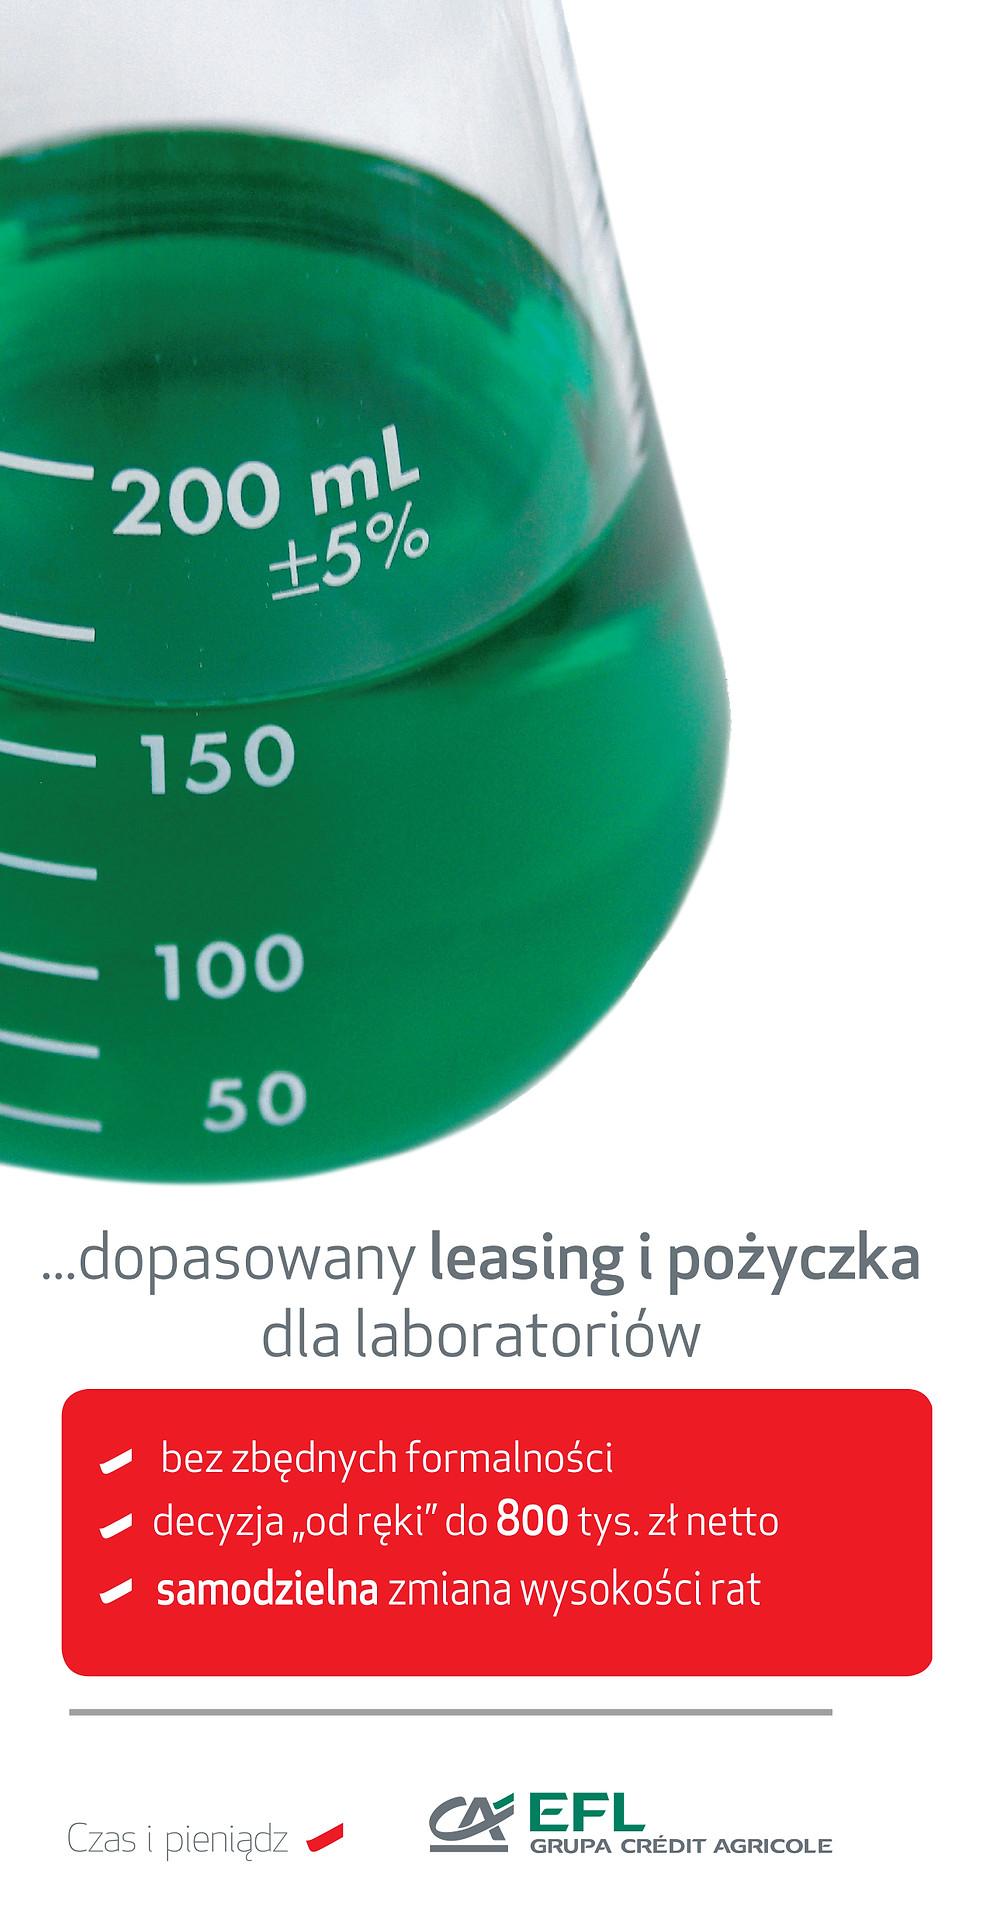 Autoryzowany Przedstawiciel EFL Kraków oferuje doradztwo przy finansowaniu leasingiem sprzetu i aparatury laboratoryjnej, analitycznej, pomiarowej dla laboratoriów i jednostek badawczo rozwojowych, jednostek kontroli